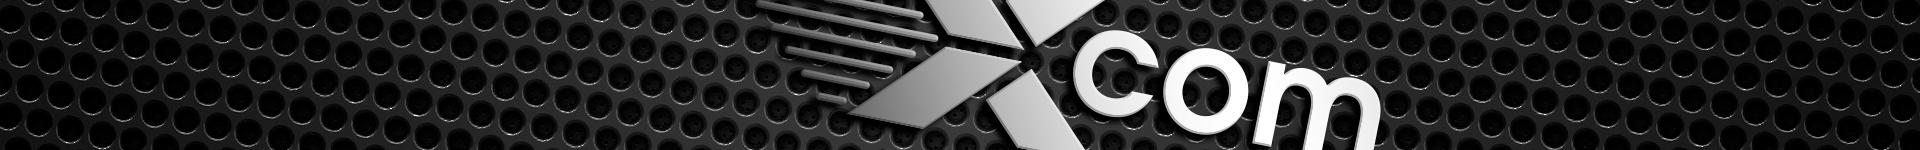 Конфигуратор серверов X-Com